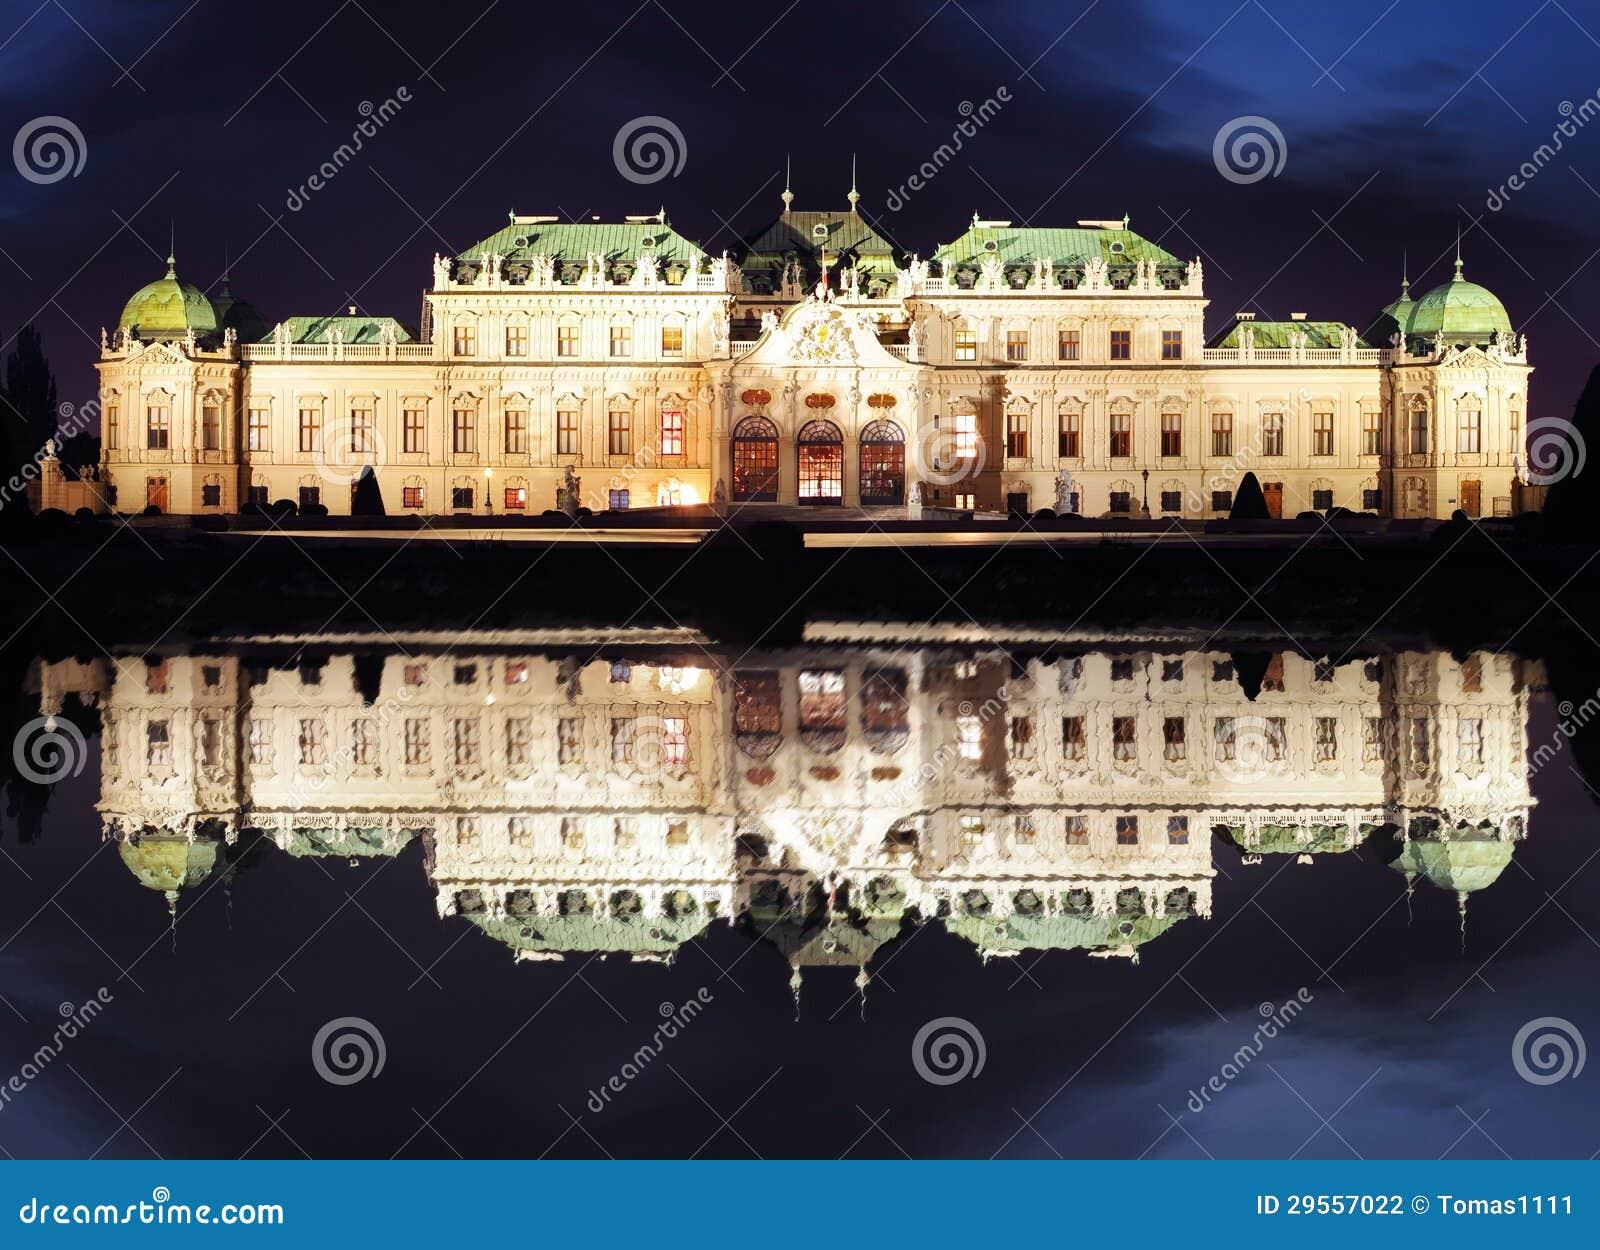 Wiedeń przy nocą - belwederu pałac, Austria